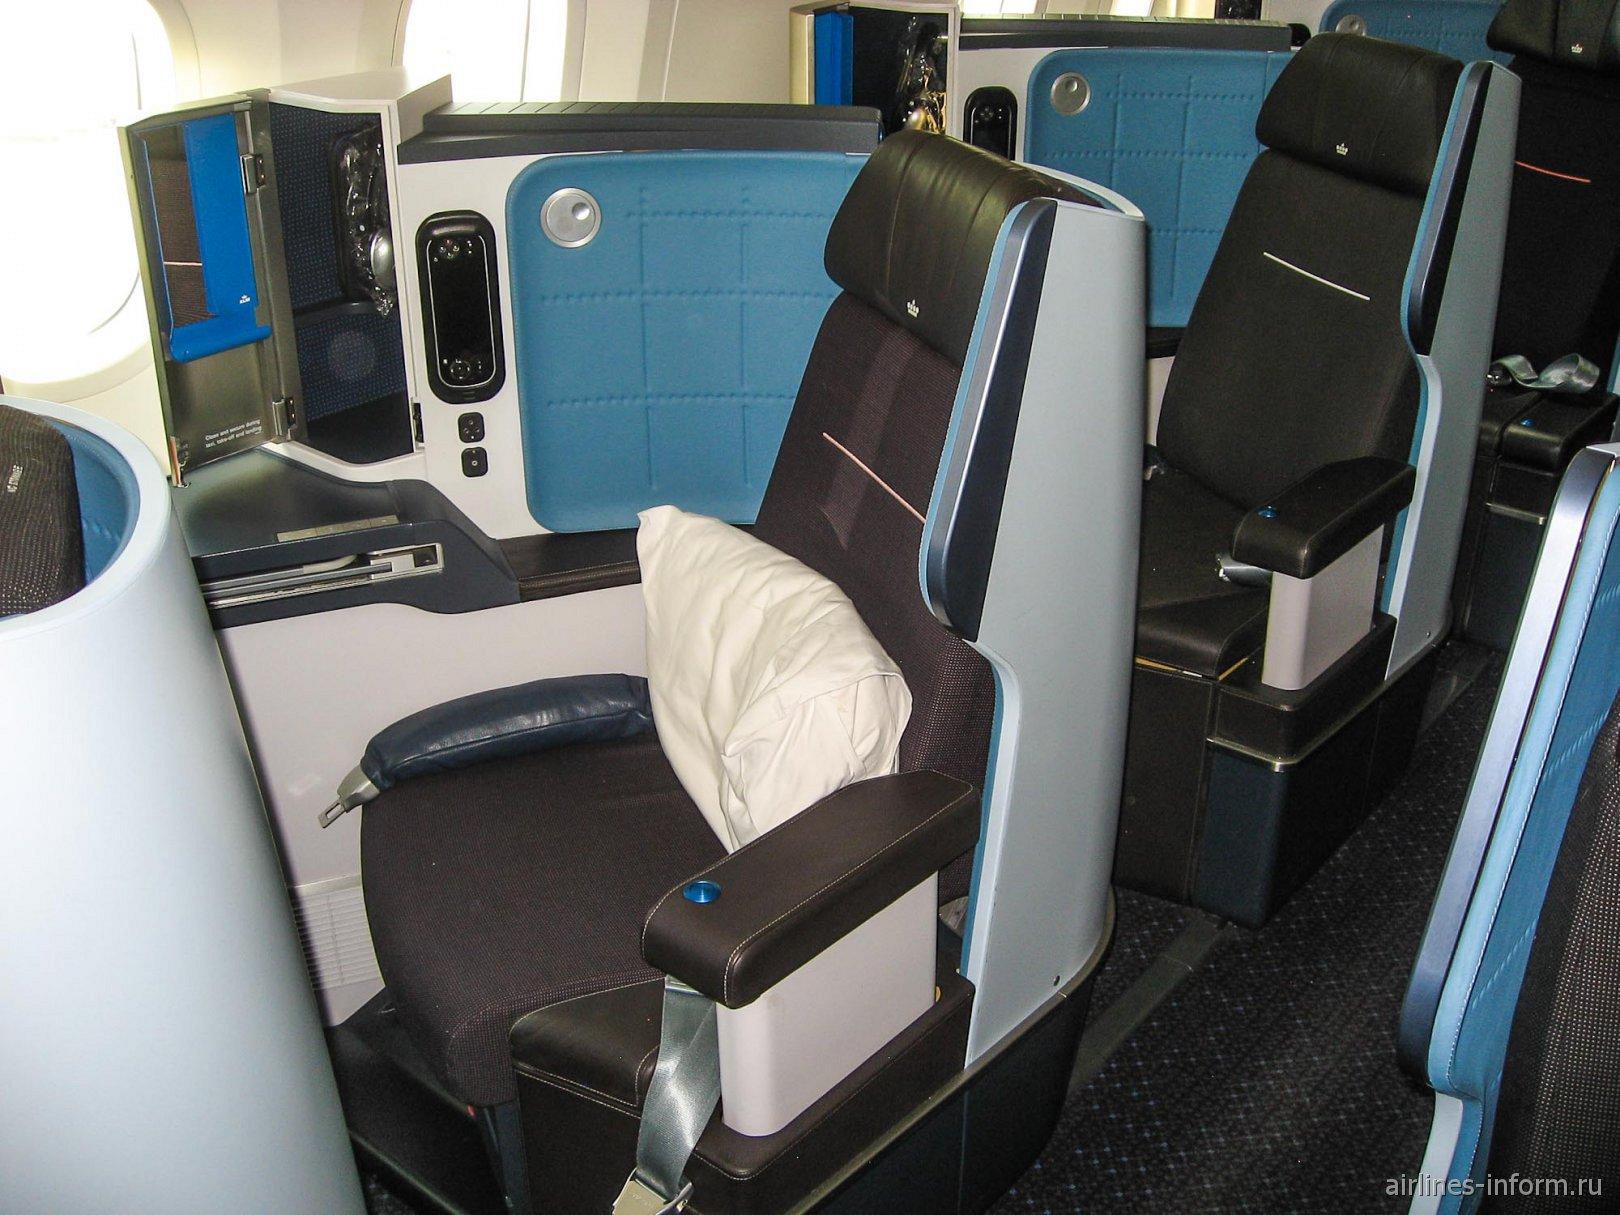 Место пассажира бизнес-класса в самолете Боинг-787-9 авиакомпании KLM